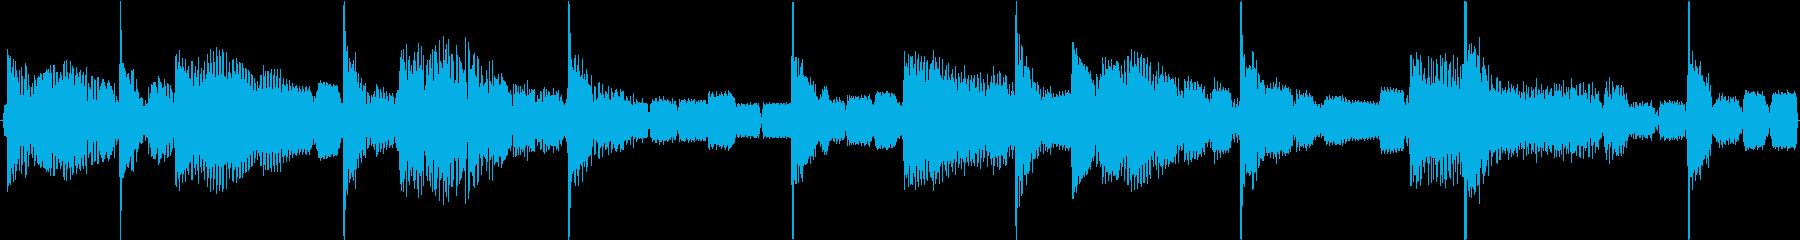 不思議で幻想的なアンビエント系テクノの再生済みの波形